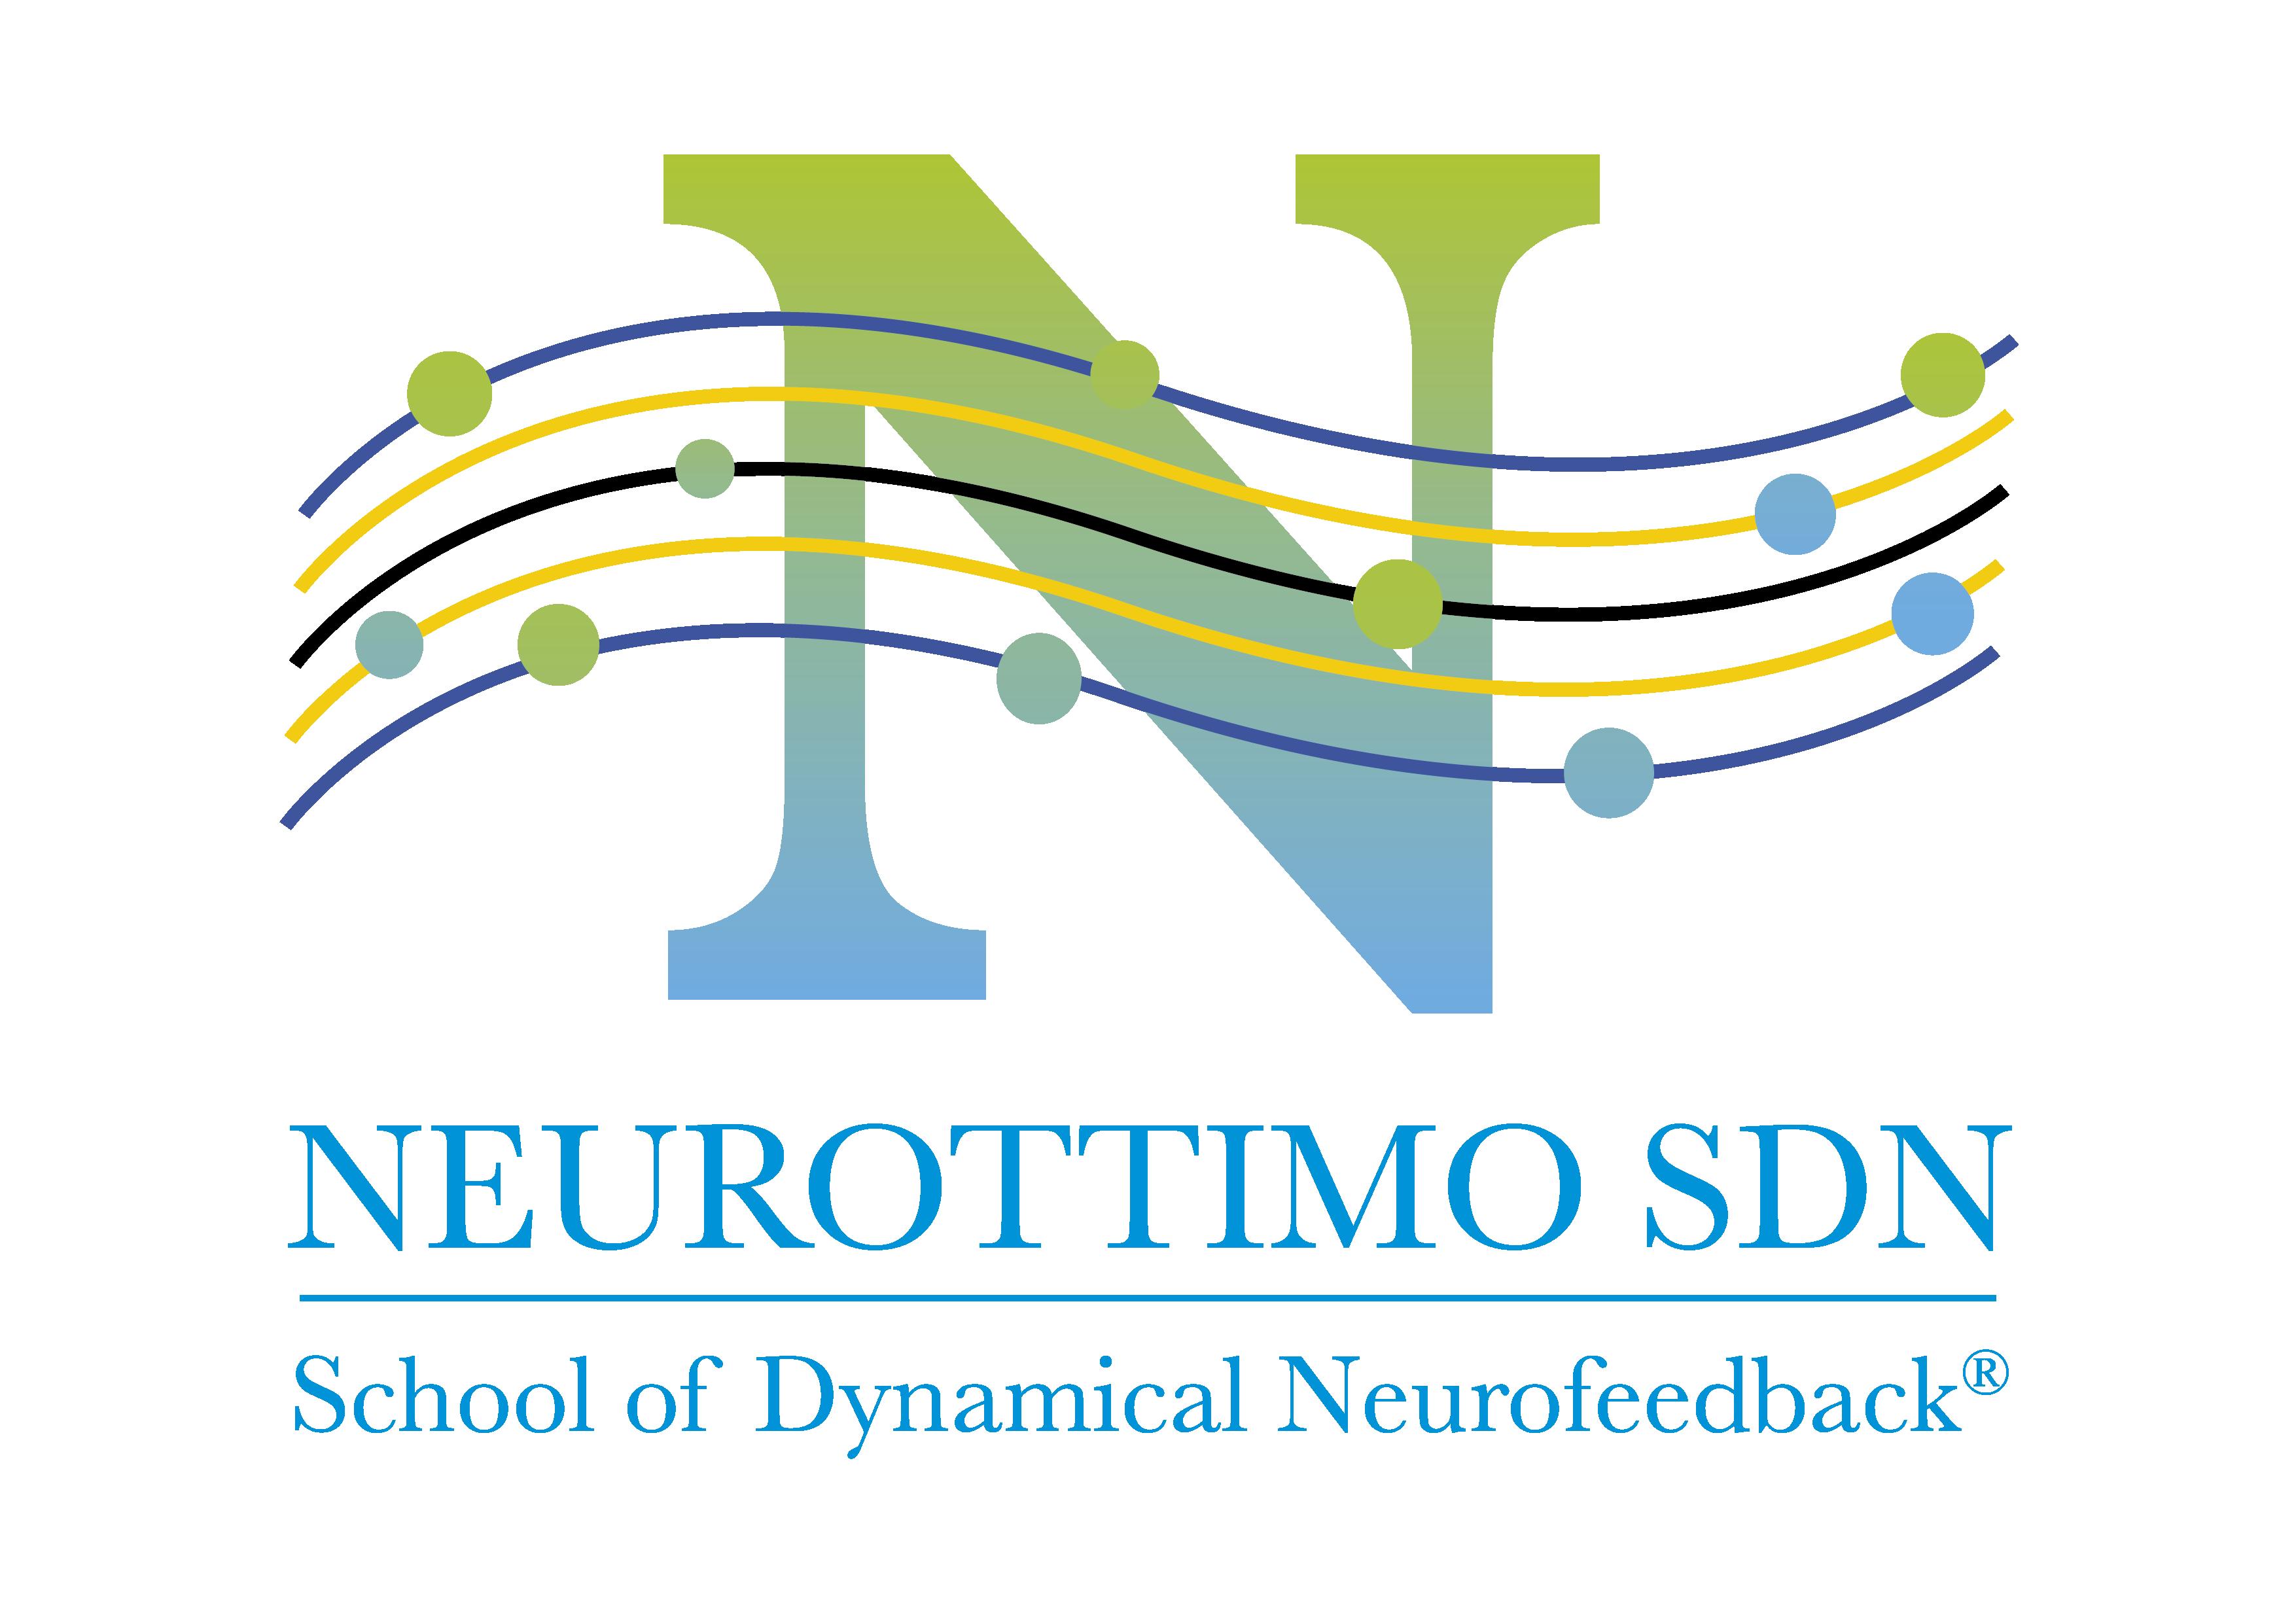 Neurottimo SDN